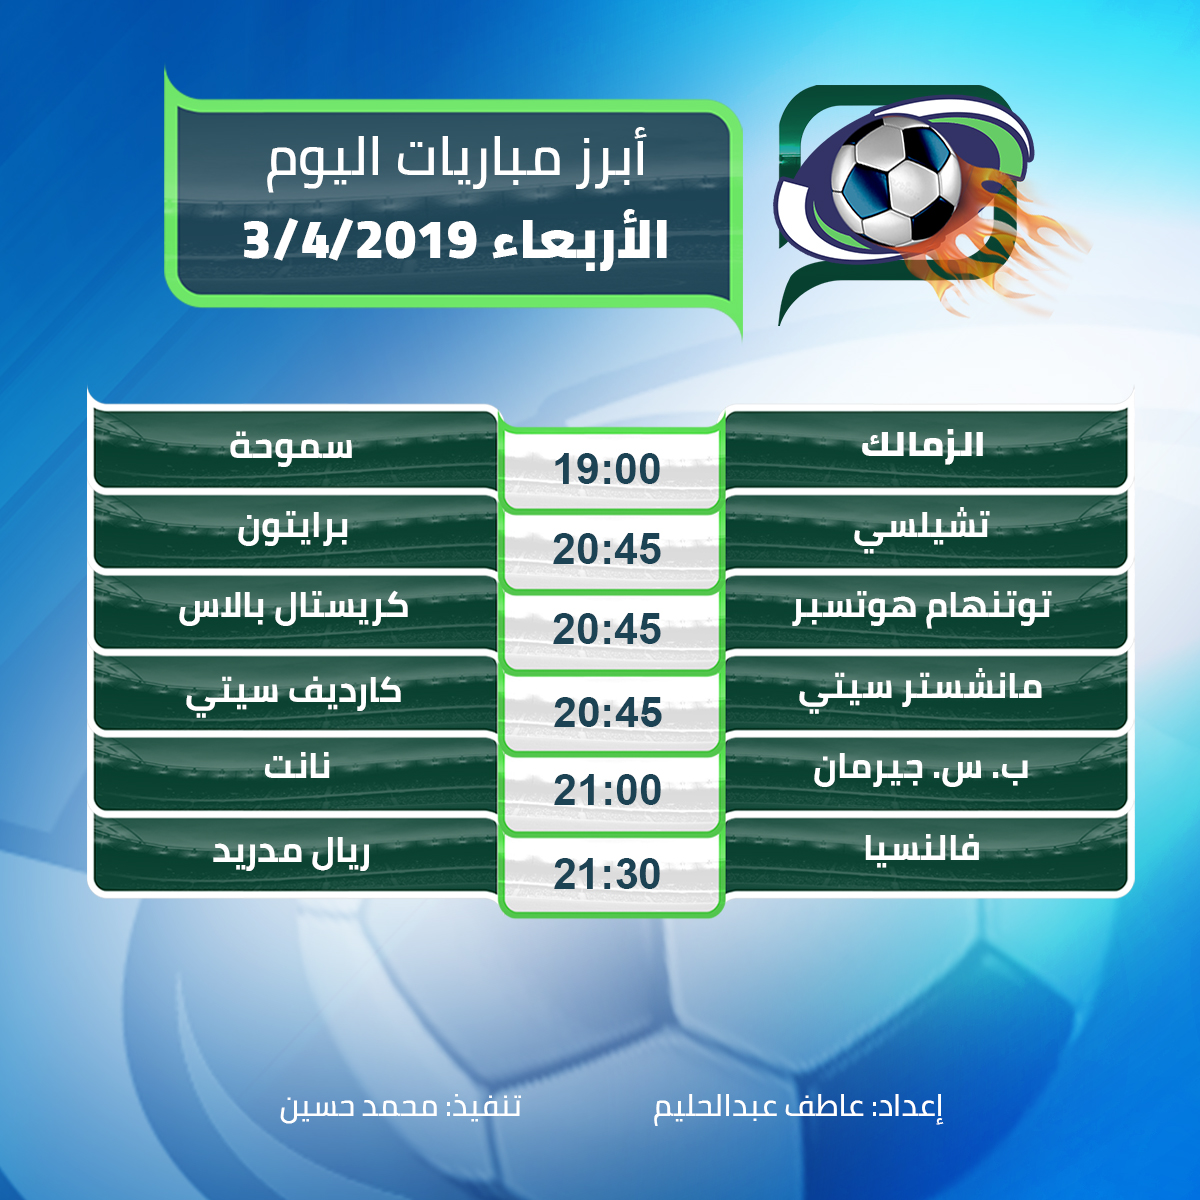 أبرز مباريات اليوم  الأربعاء 3/4/2019